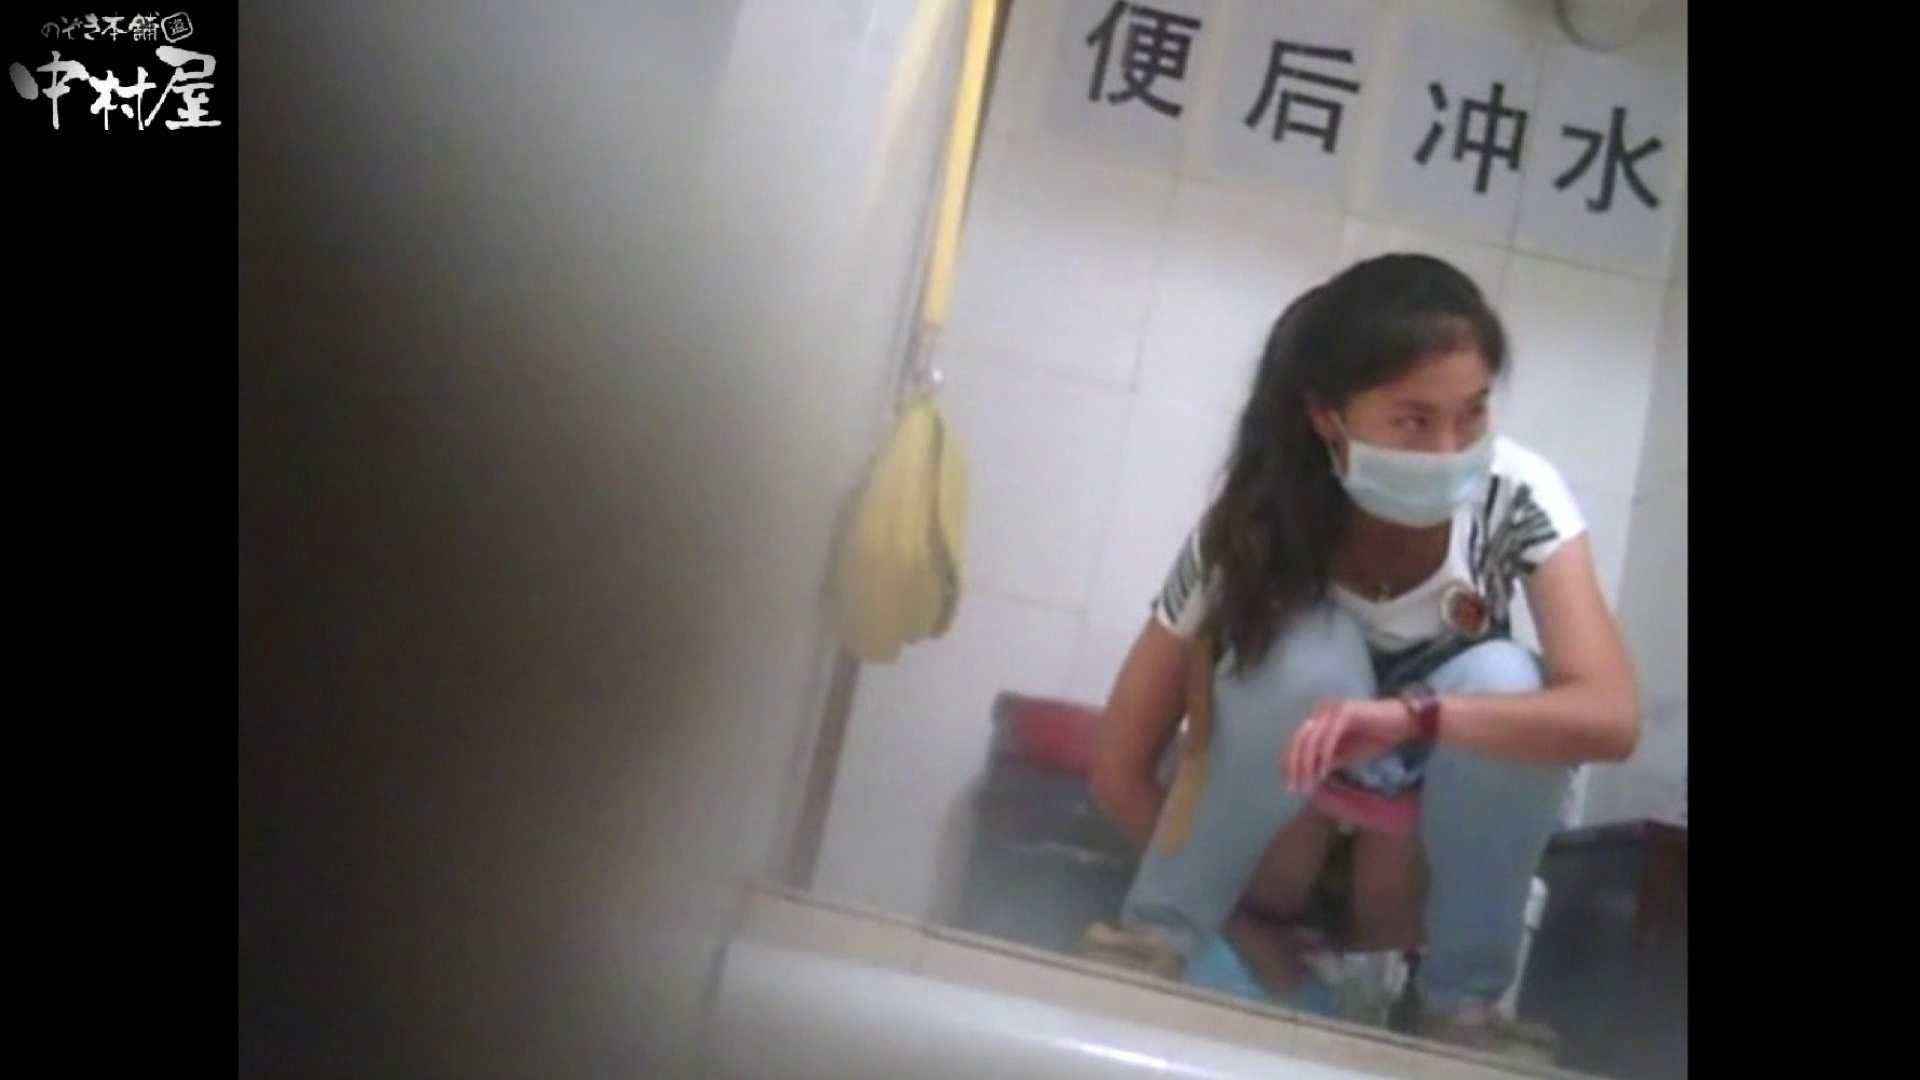 李さんの盗撮日記 Vol.13 トイレ 盗撮 93PIX 12